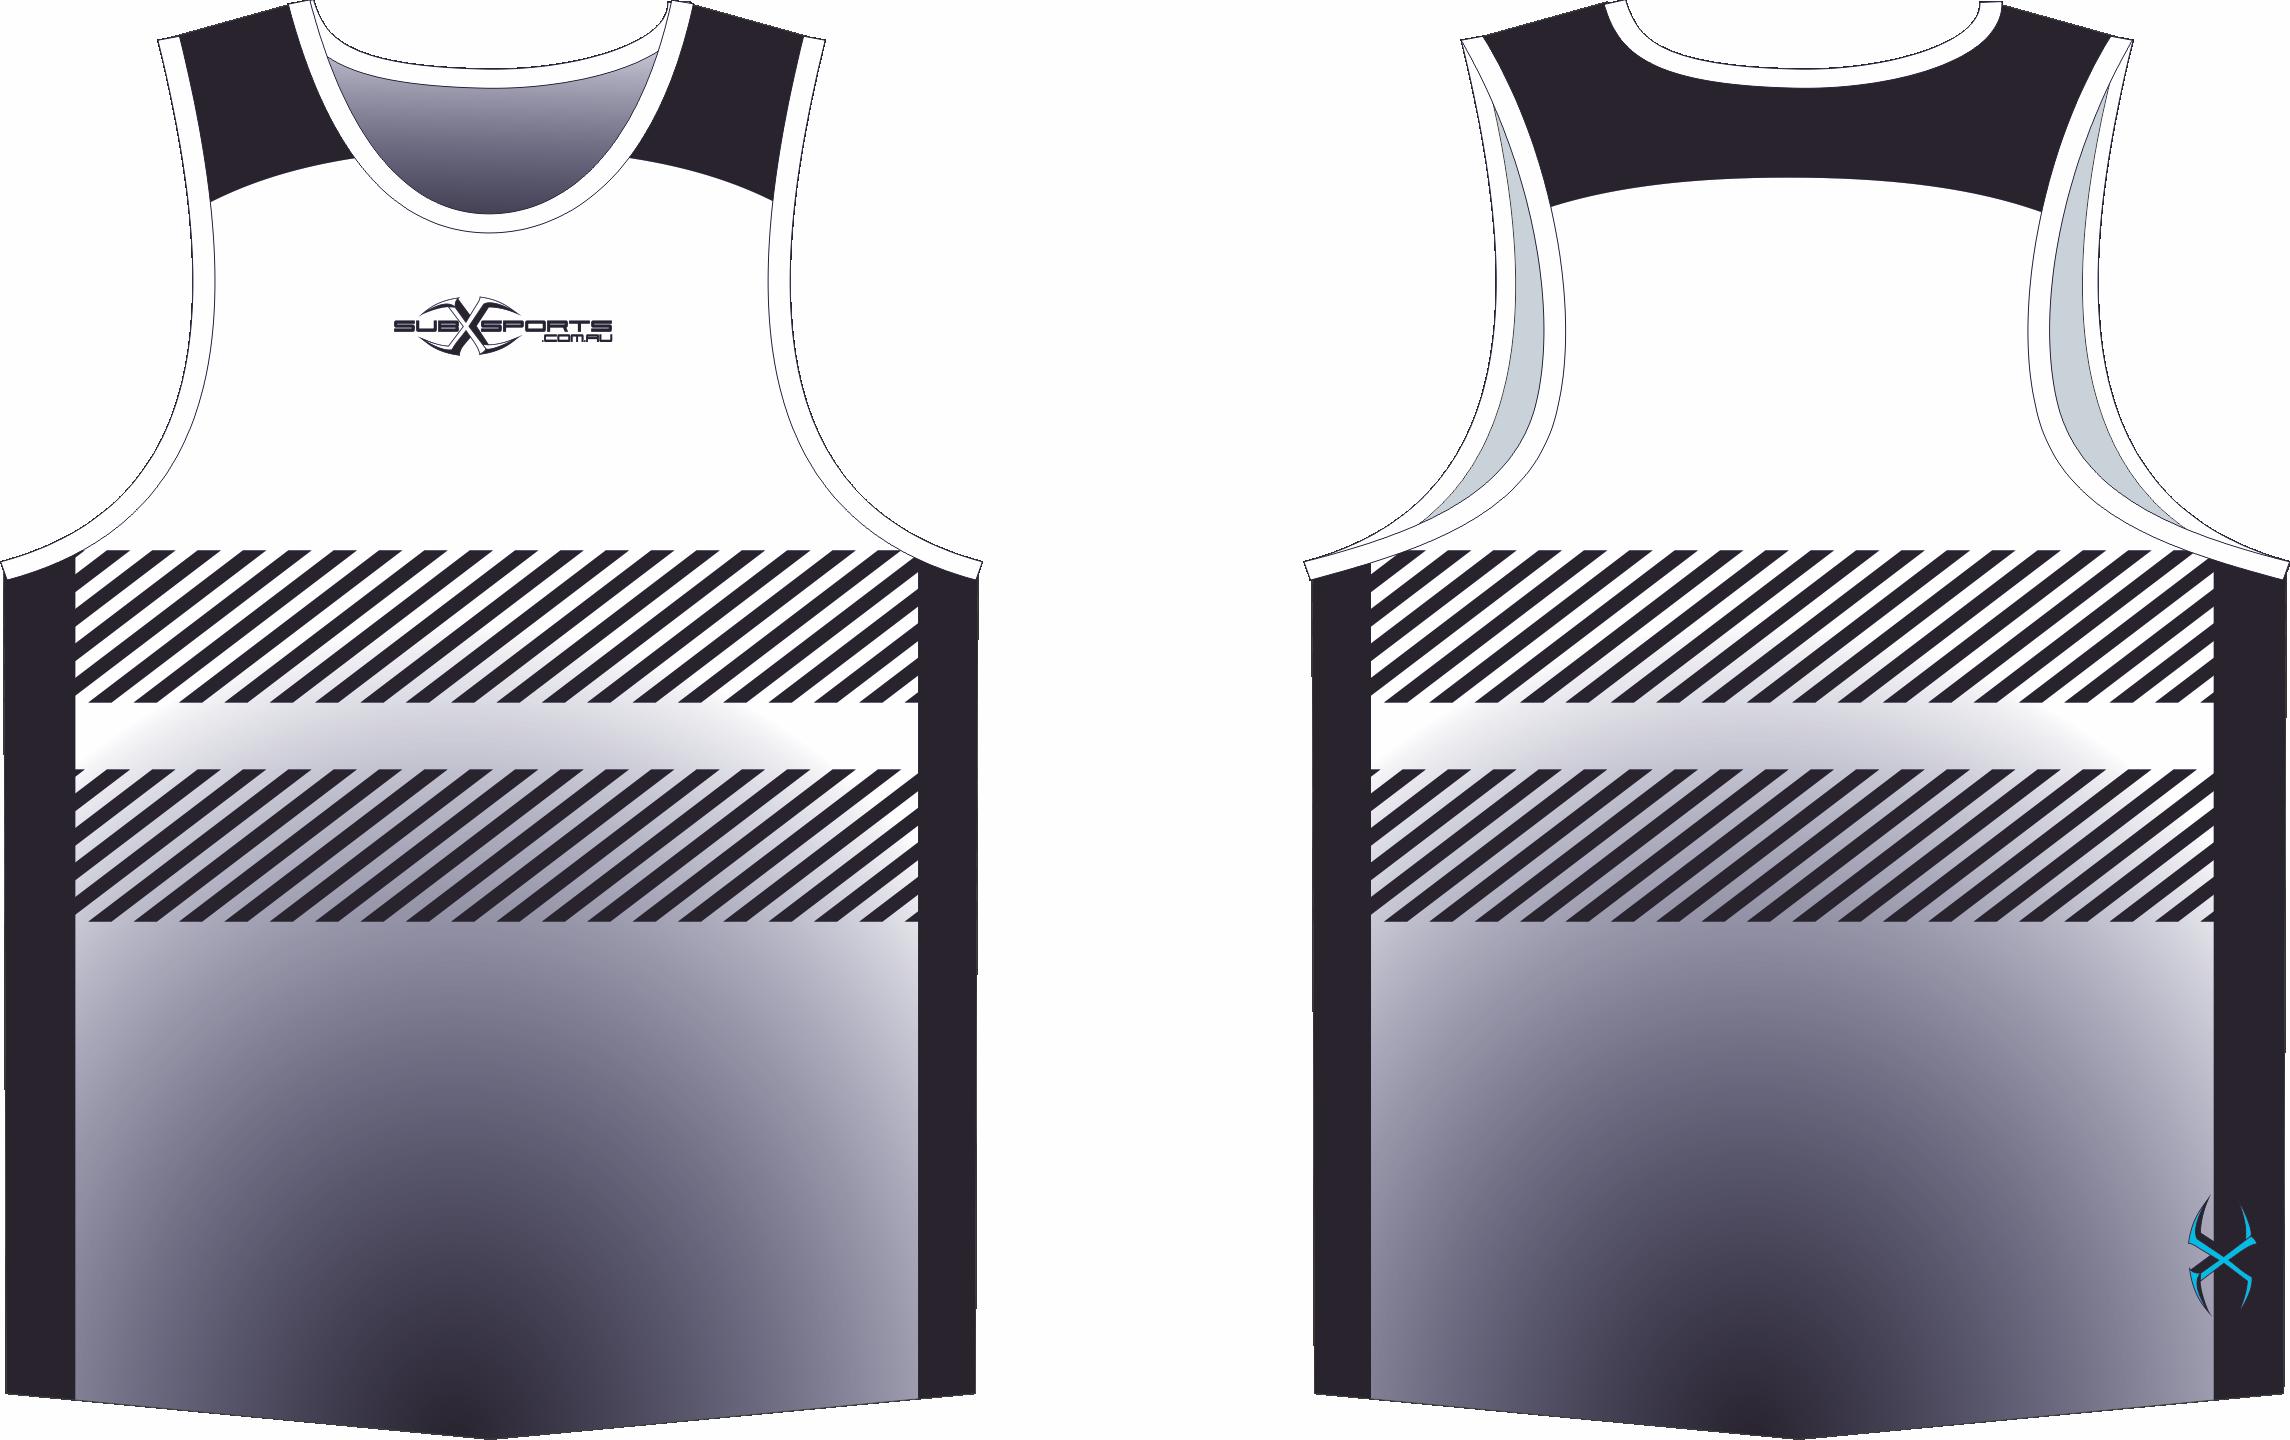 X305XS Singlet White Black.png